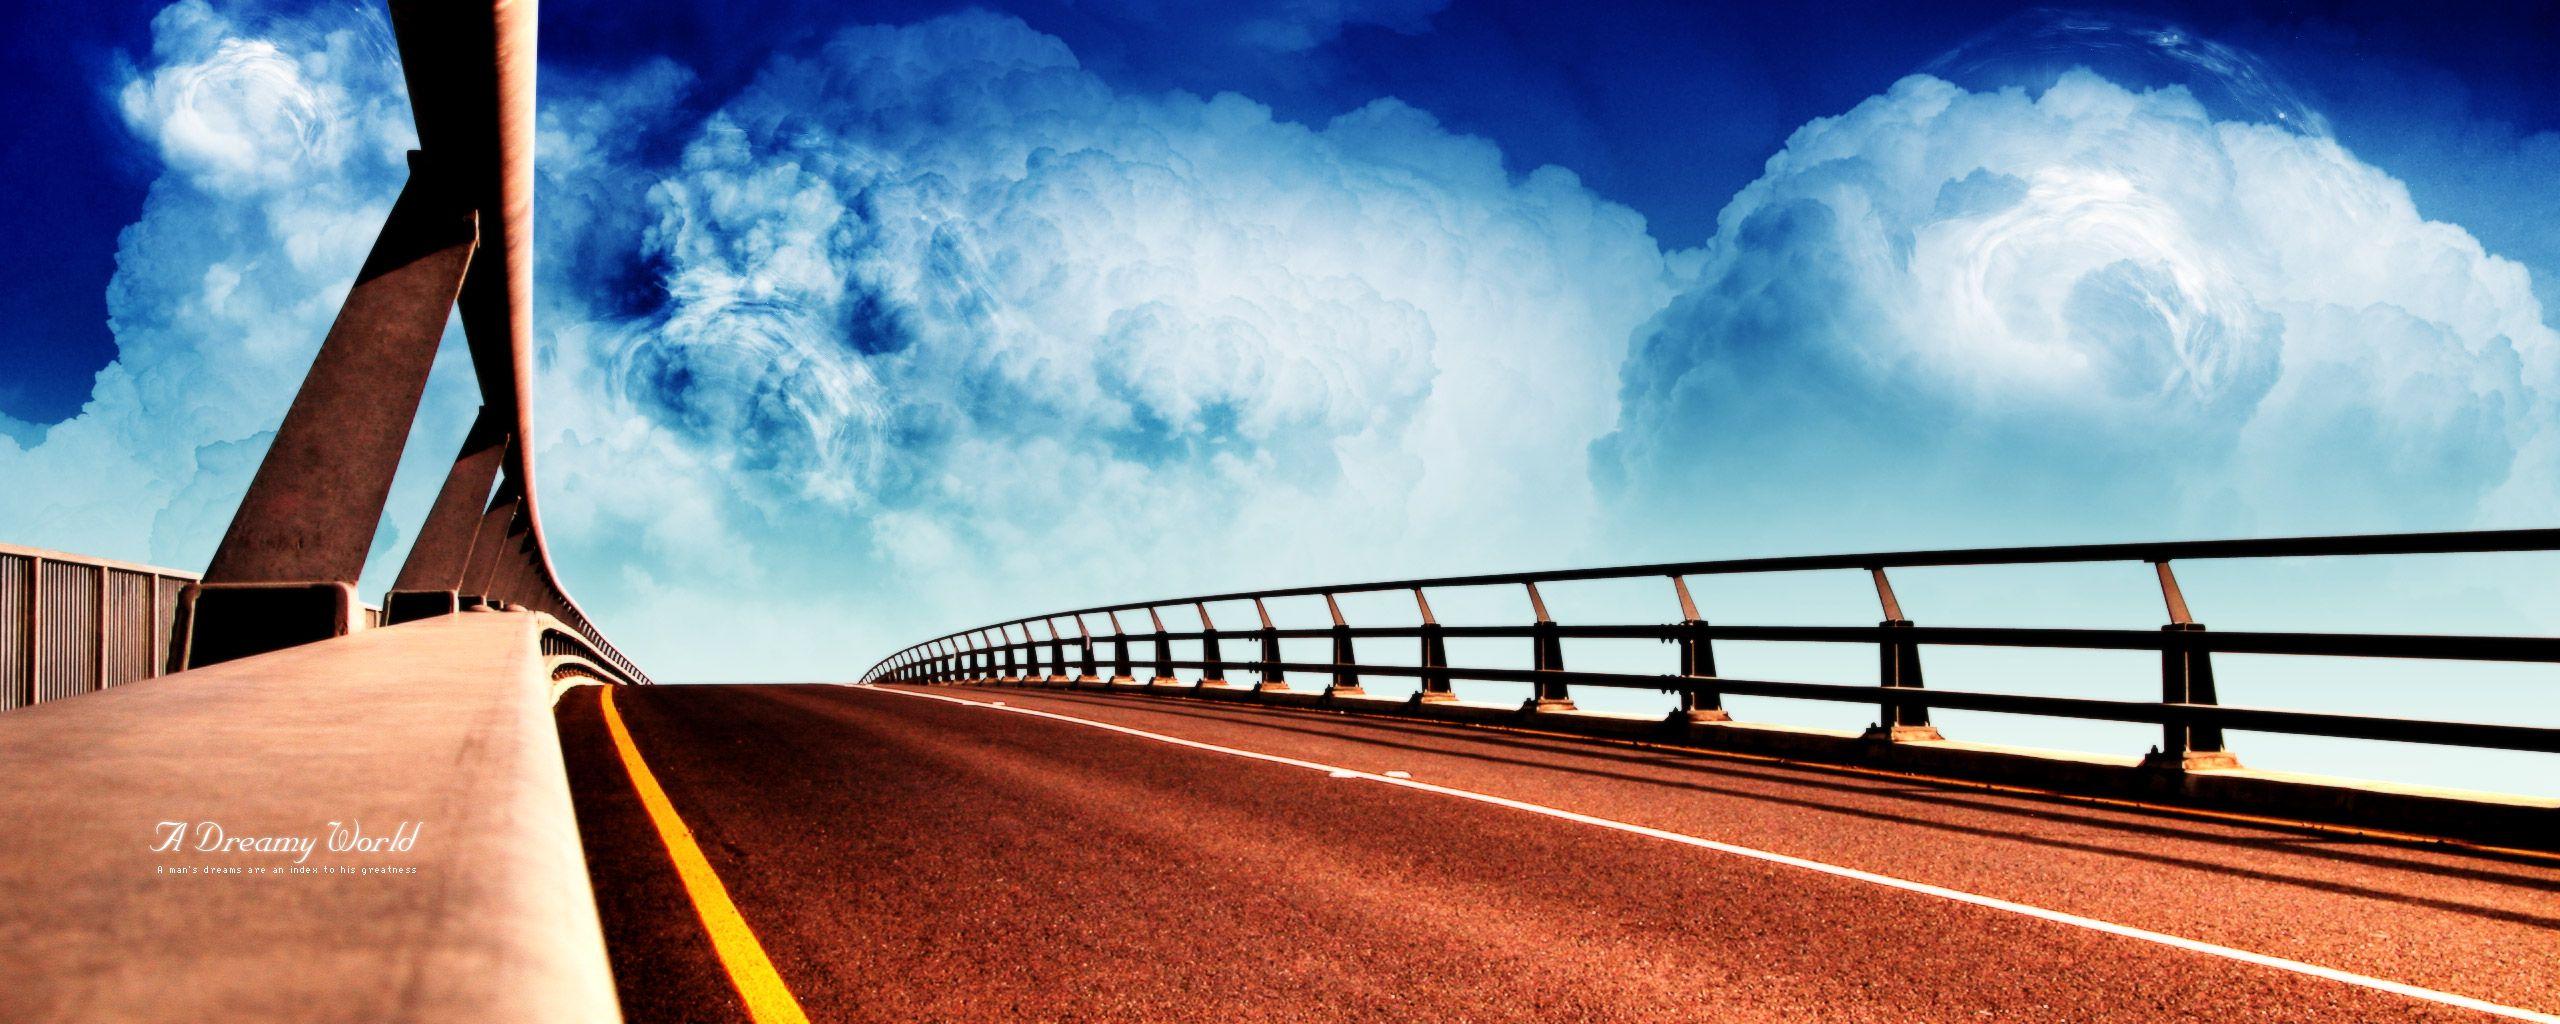 мост, дорога, bridge, скачать фото, обои на рабочий стол